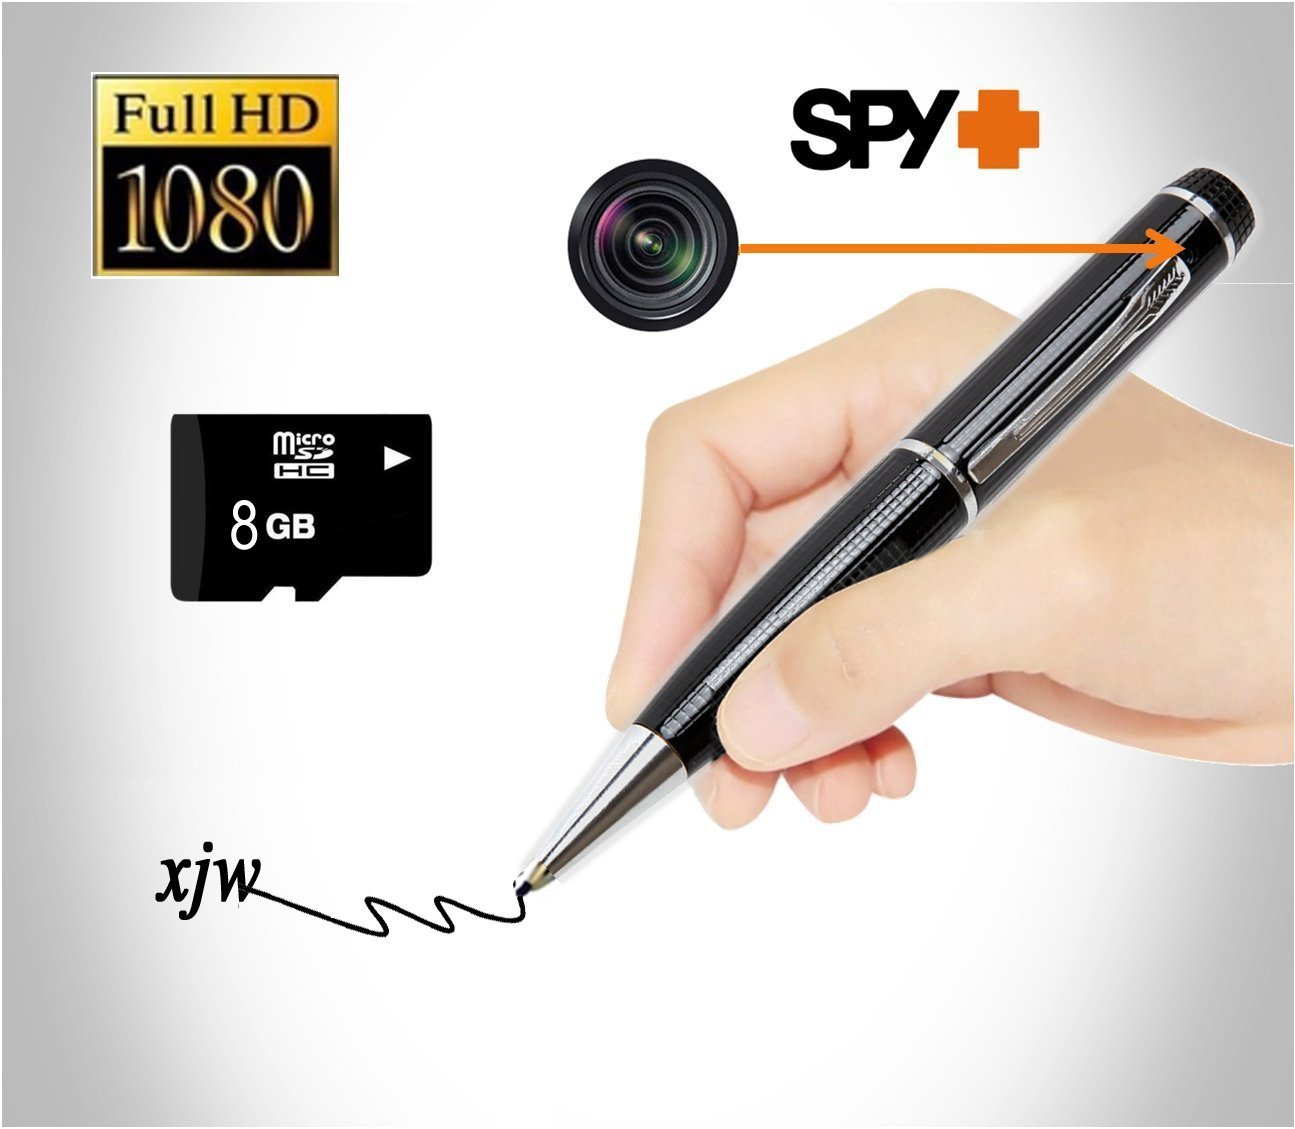 进口超高清微型摄像机小型DV录像迷你相机会议记录仪